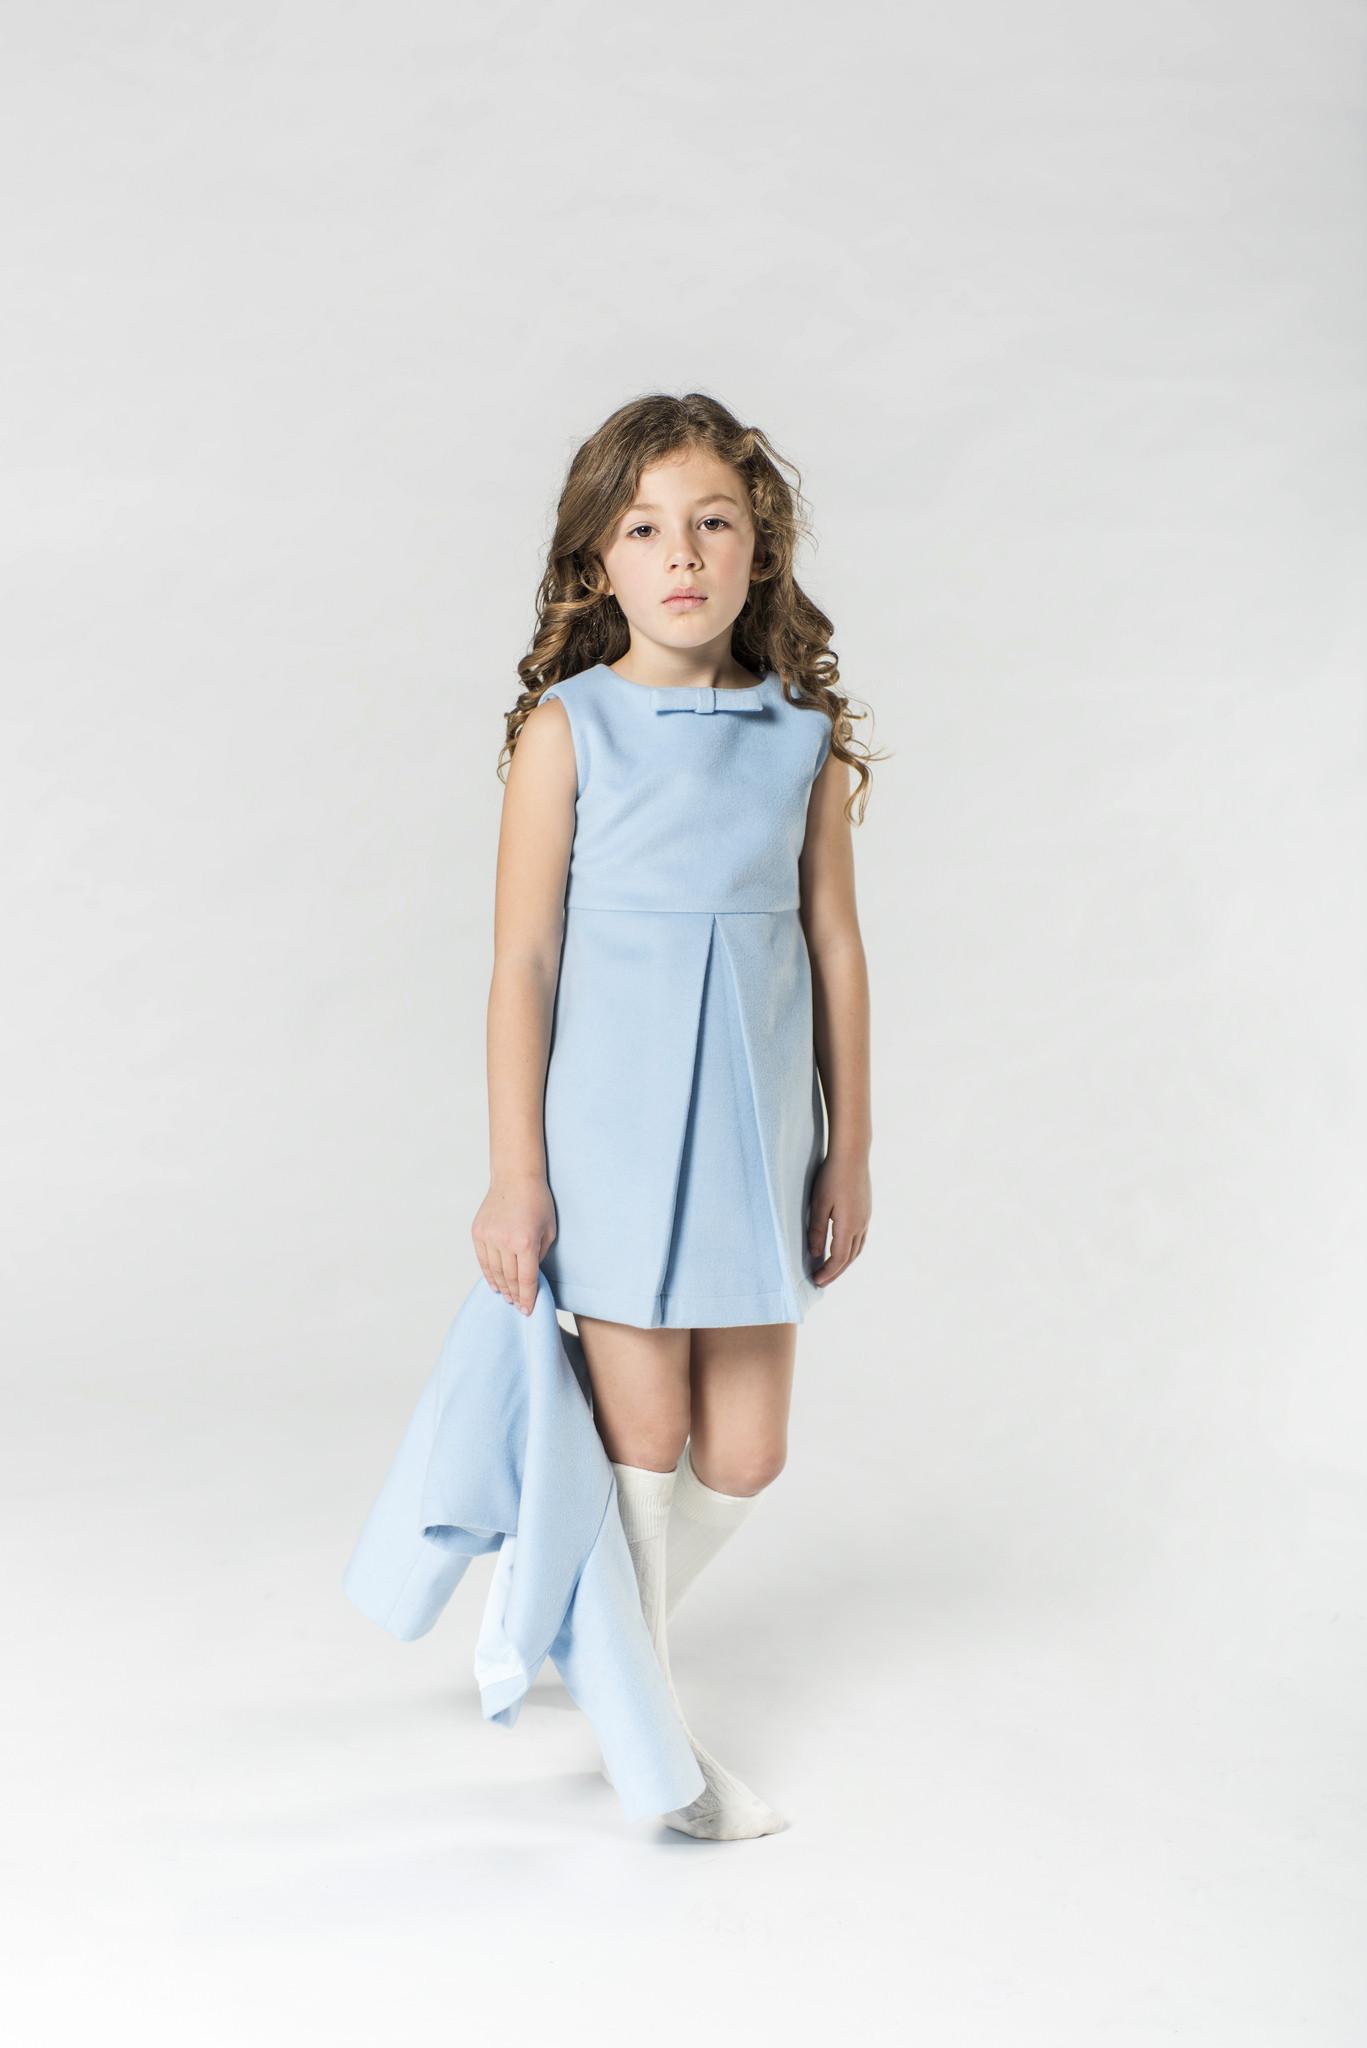 annne.dress.aisabobo.aw16